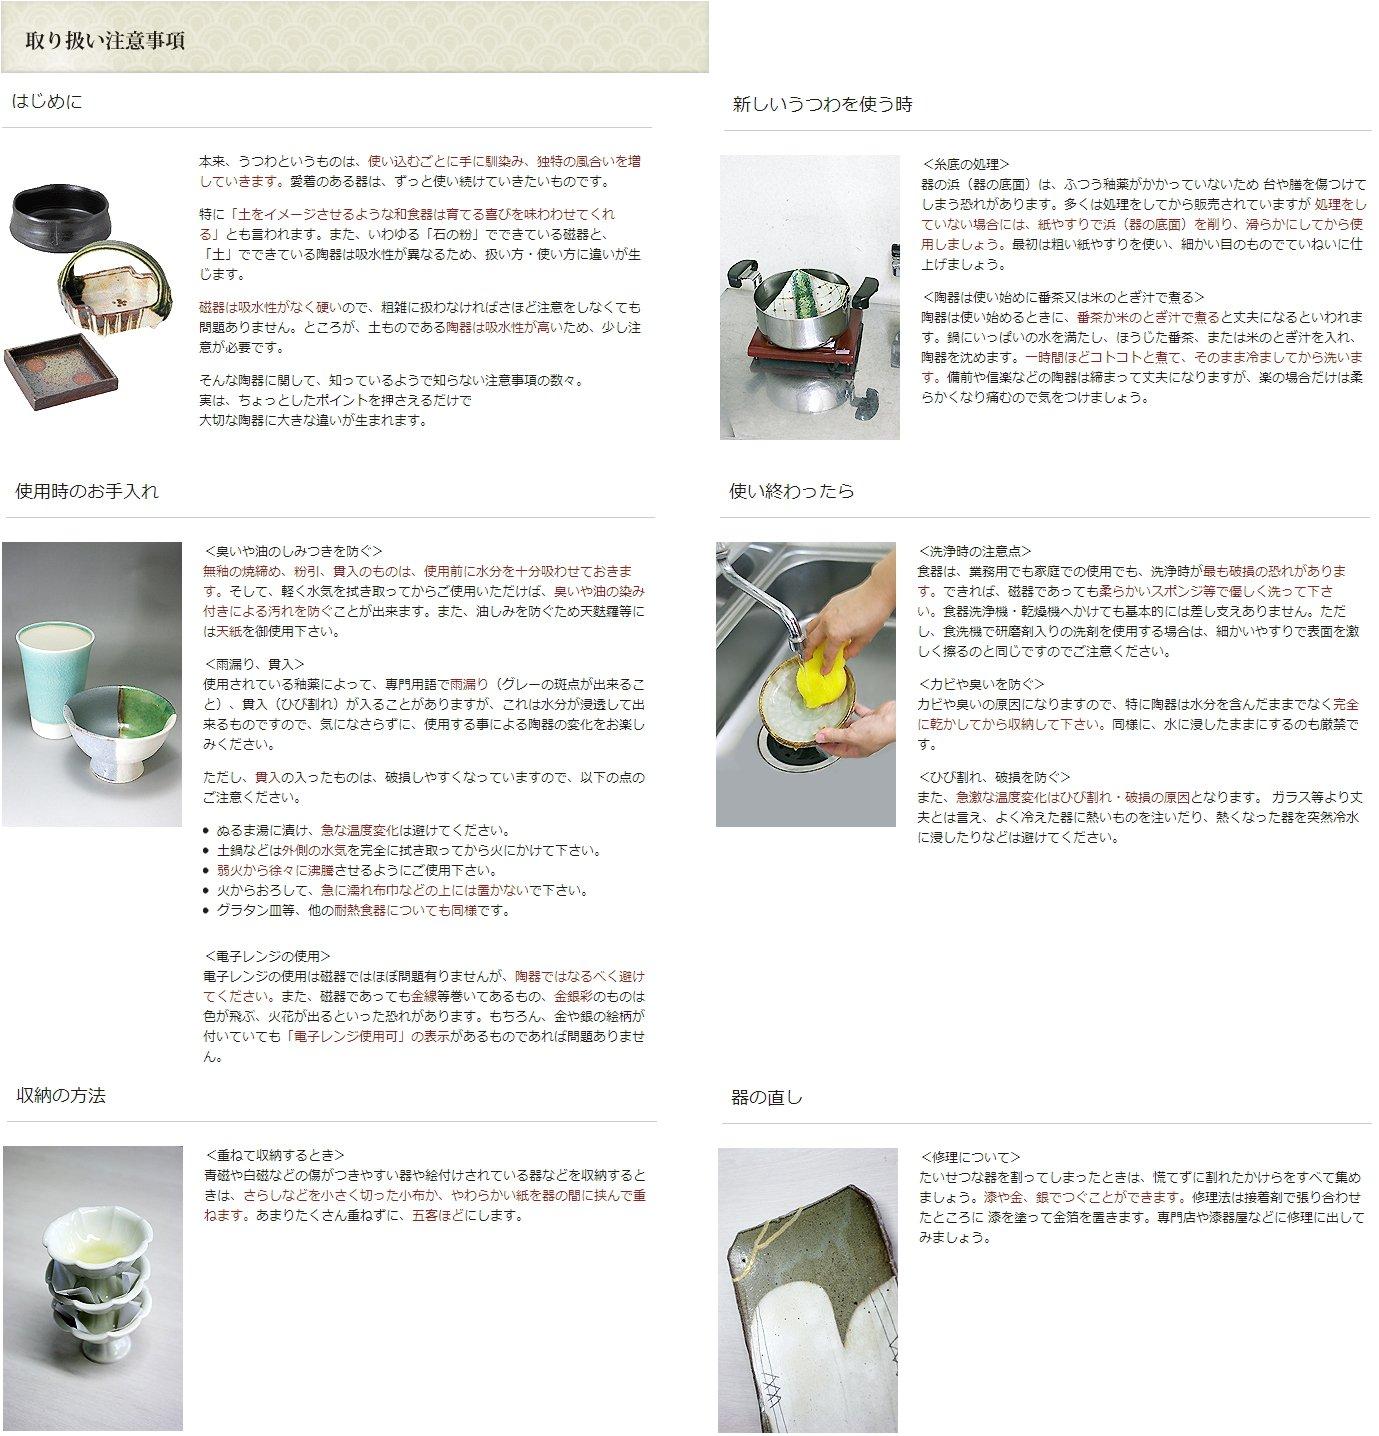 Set of three folk Sake Bizen—âwine cooler with liquor bottle + cup set [ cold sake cooler 14.5x12.5cm E 180 cup 5.5x4.1cm] for restaurant liquor restaurant business